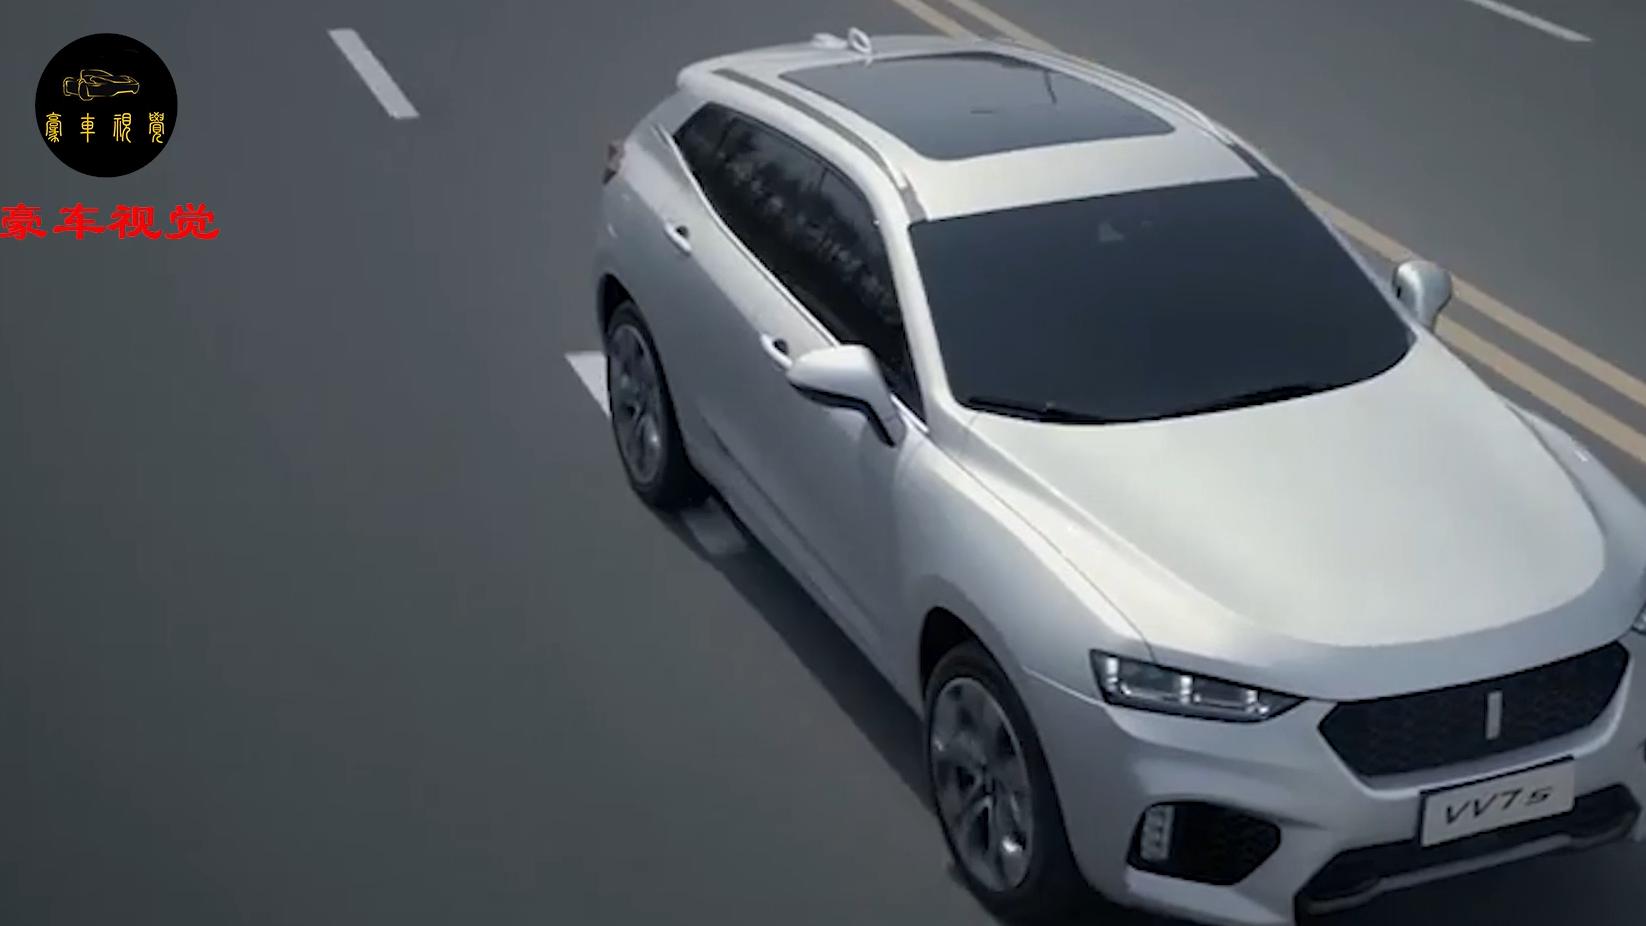 油电豪华SUV,GT版,破百仅需6.5秒,还配2.0T引擎